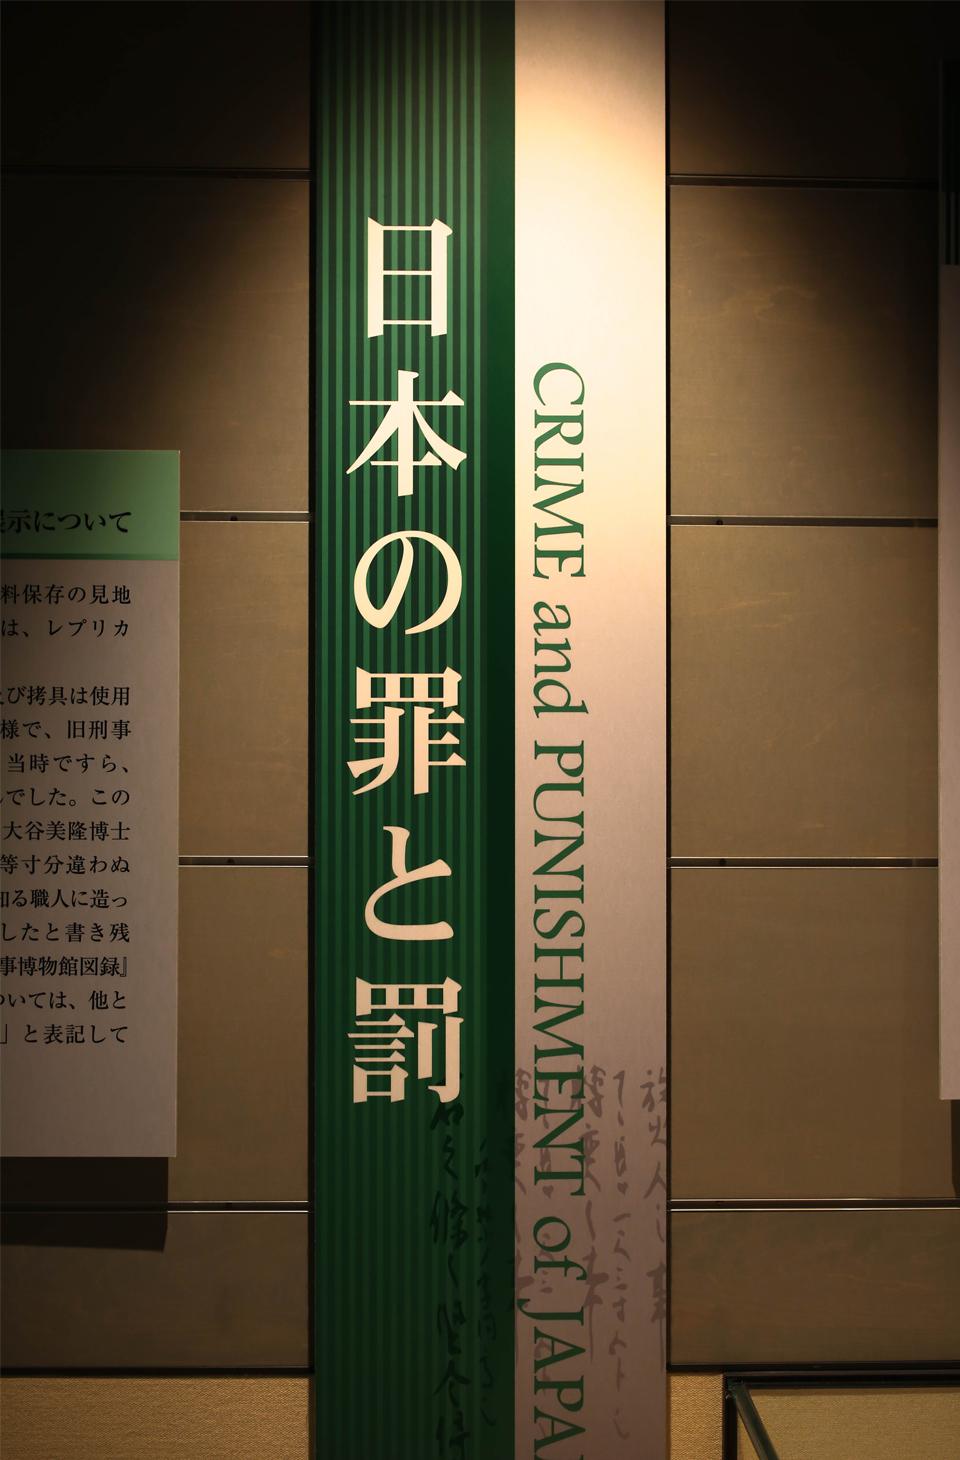 明治大学博物館.jpg